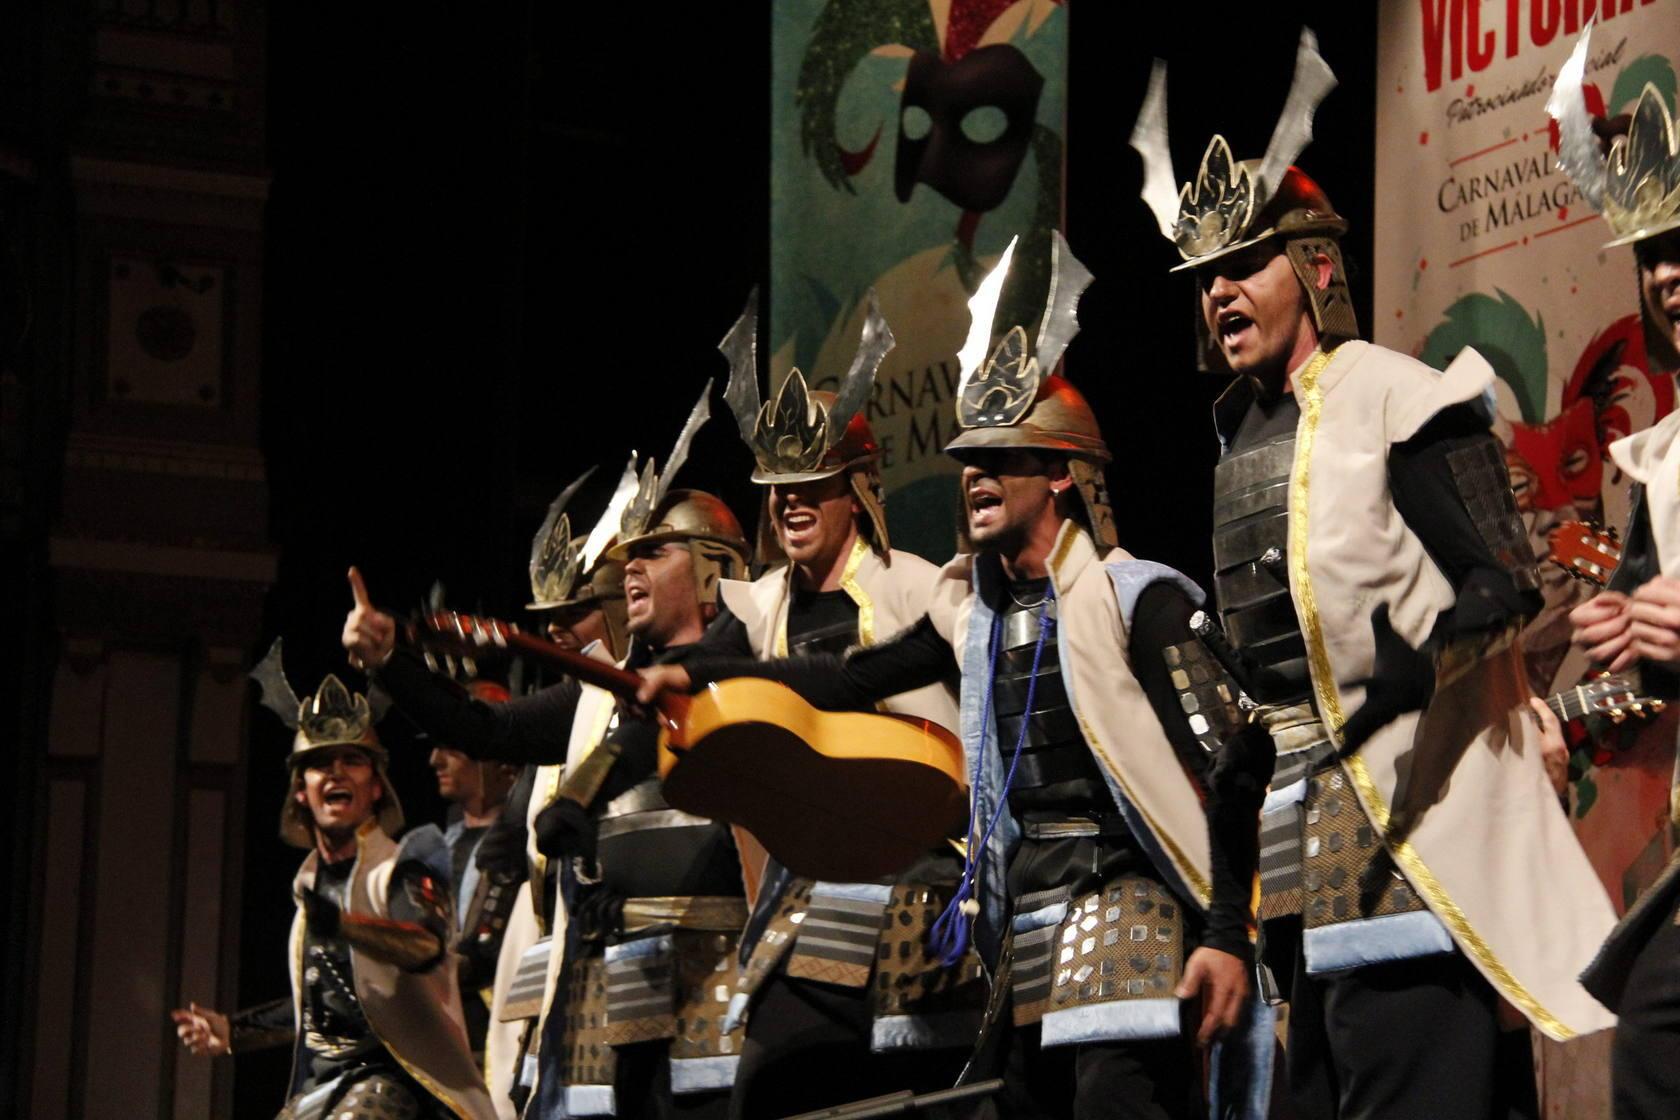 Semifinales del Carnaval de Málaga 2013